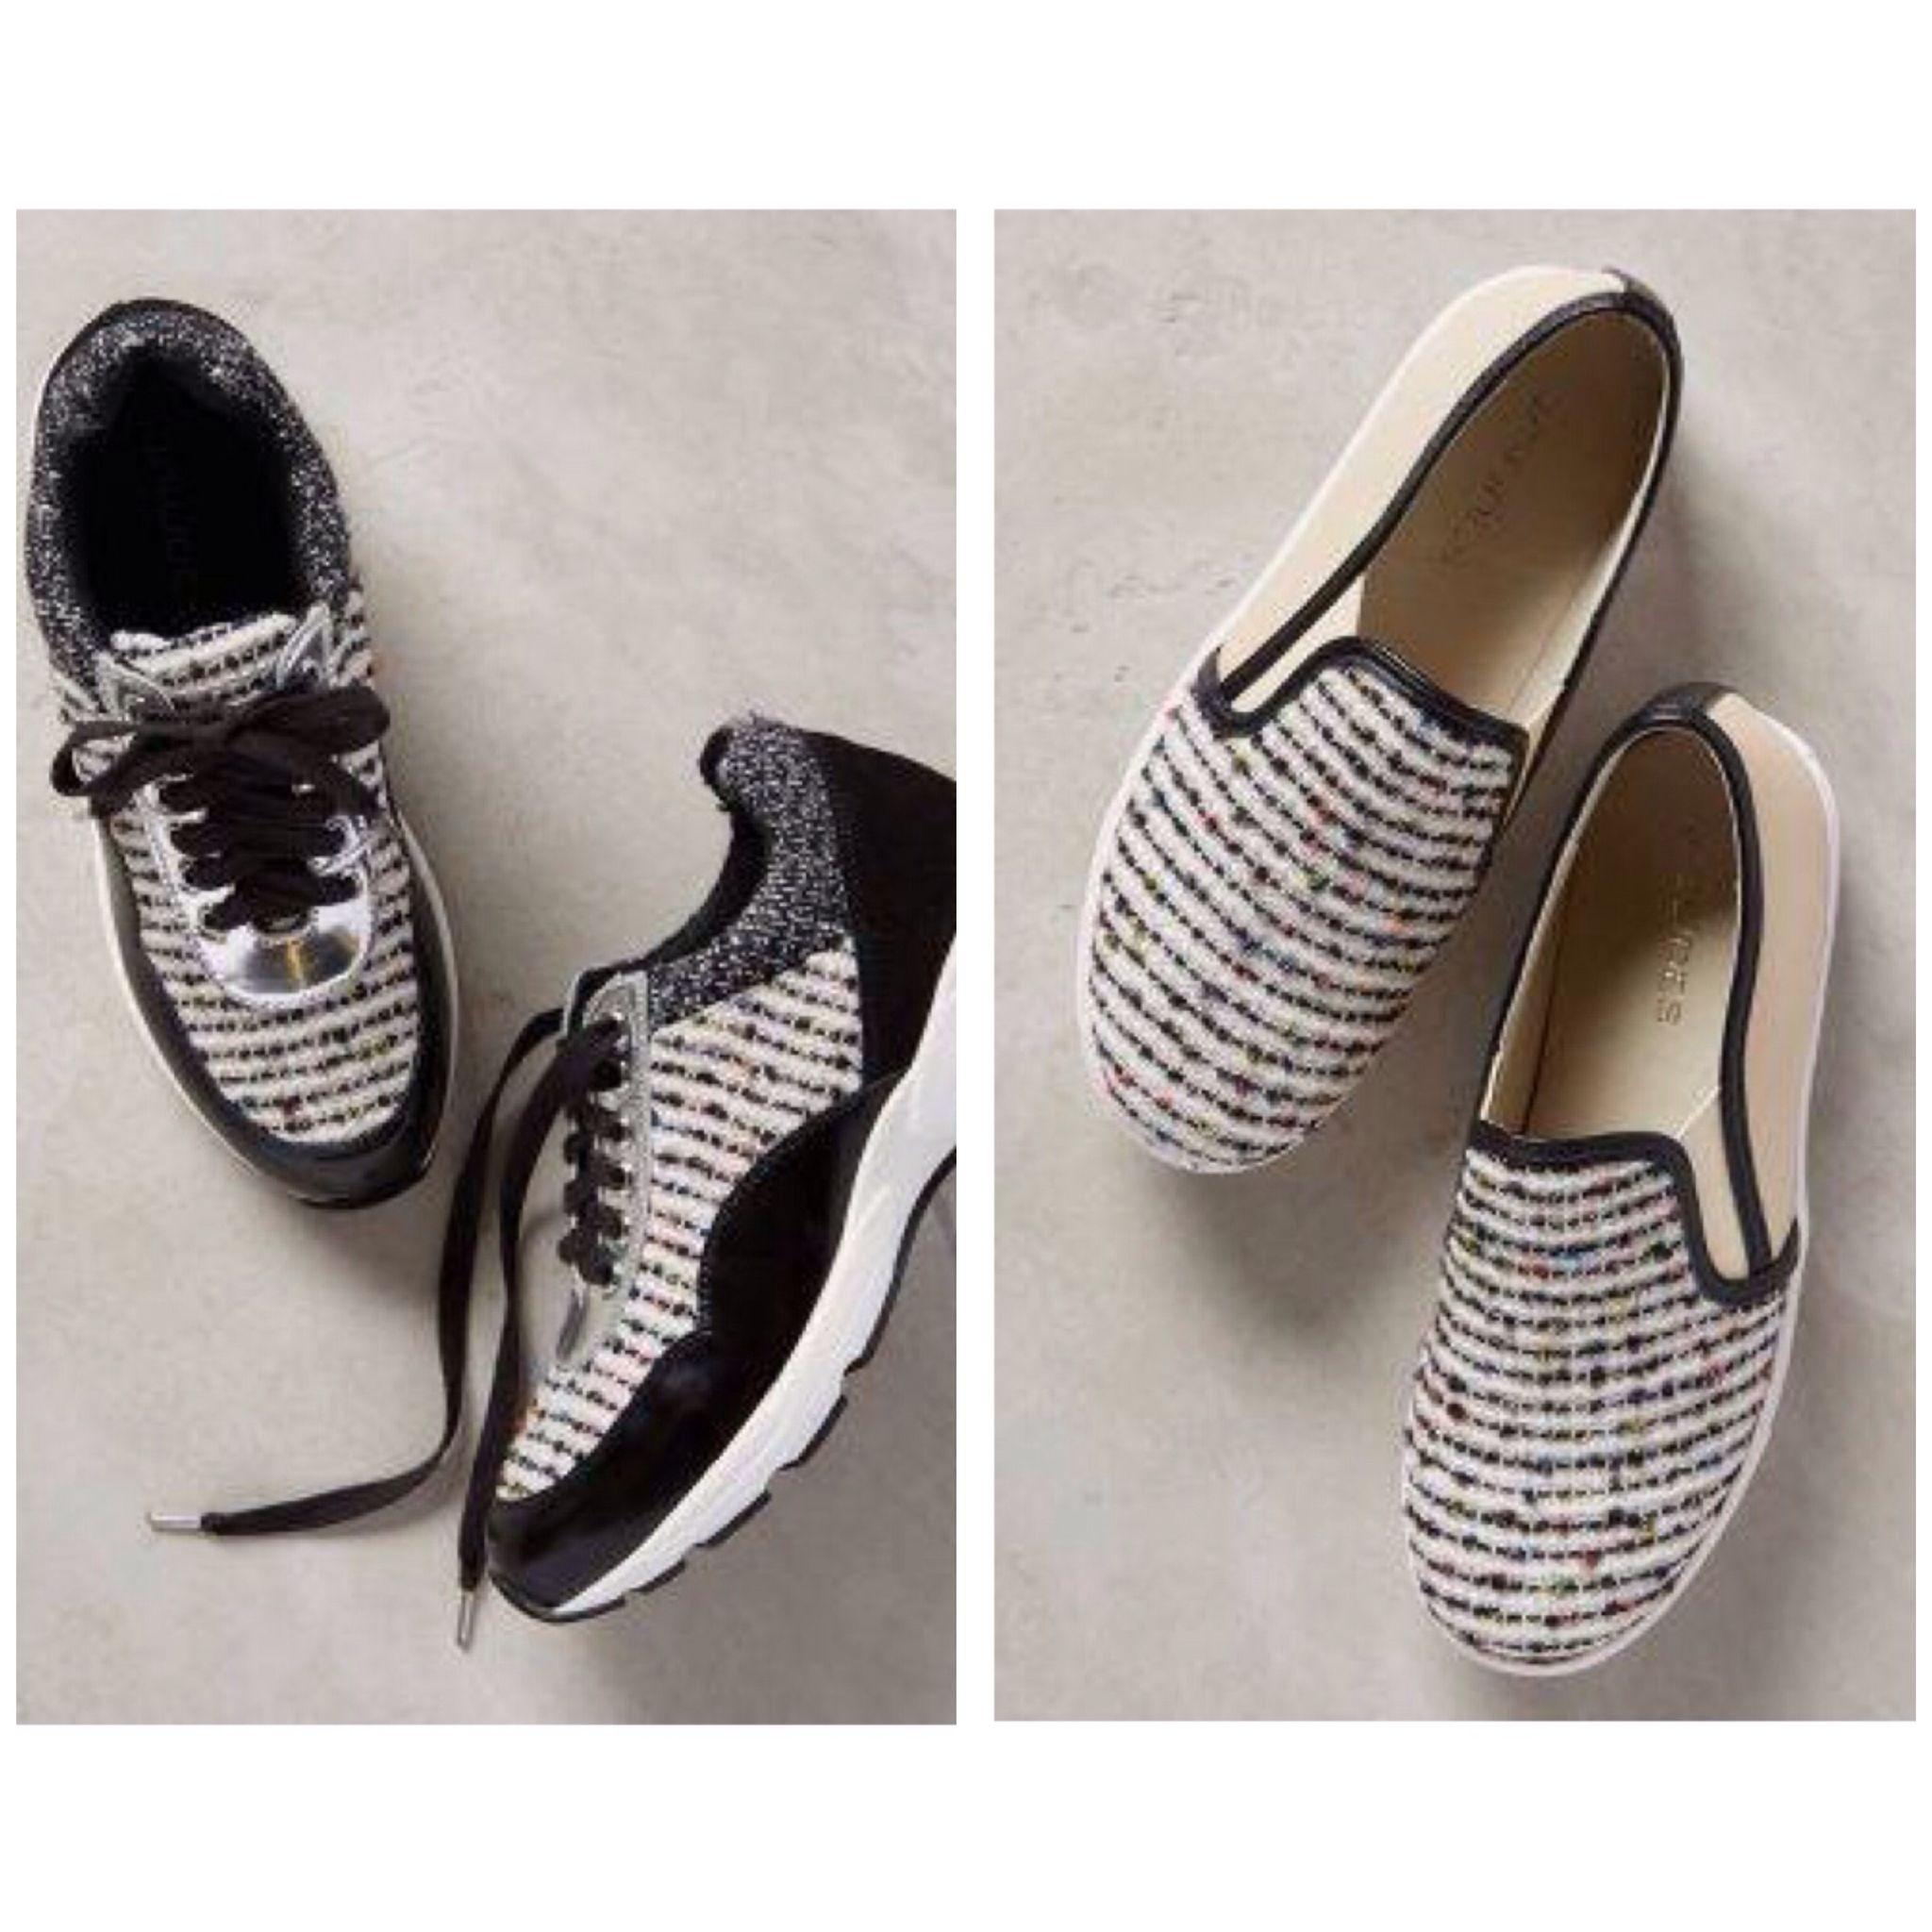 Jackson #sneakers #JSlides #sotd